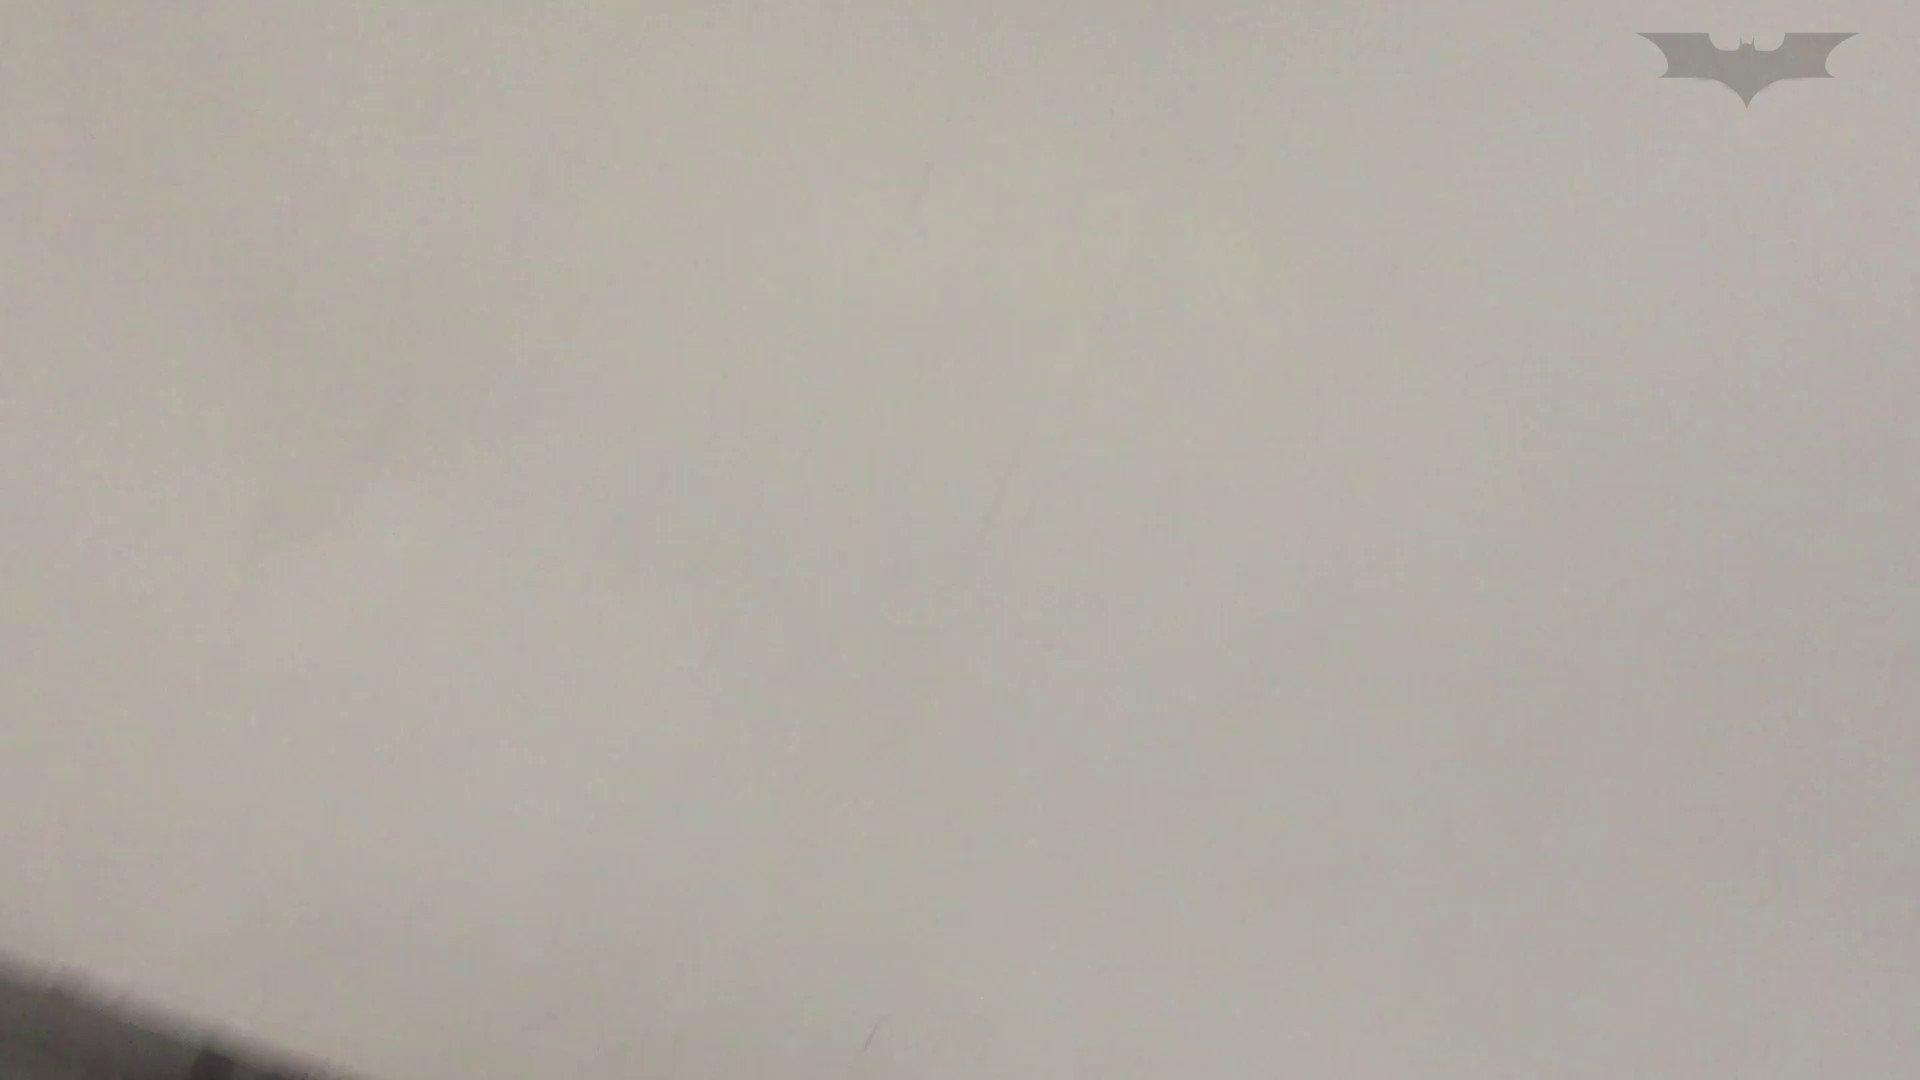 JD盗撮 美女の洗面所の秘密 Vol.66 盗撮エロすぎ | トイレ中  43連発 31